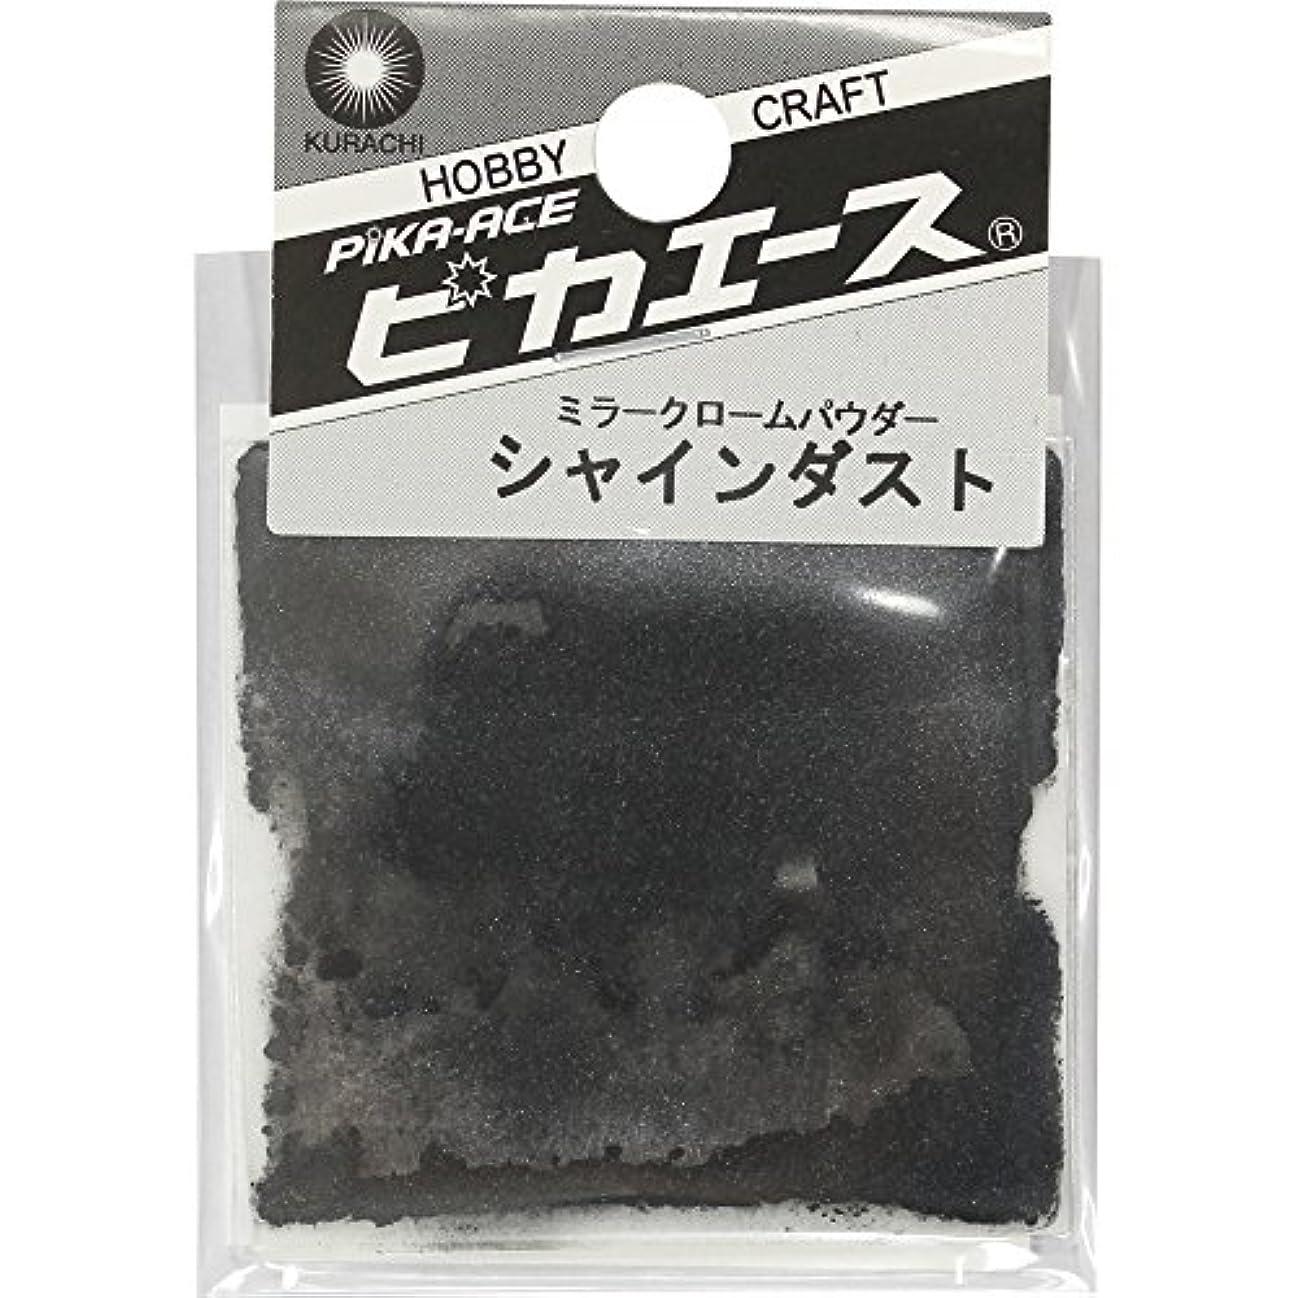 成人期壁紙直感ピカエース シャインダスト#358ミラーブラックSS アート材